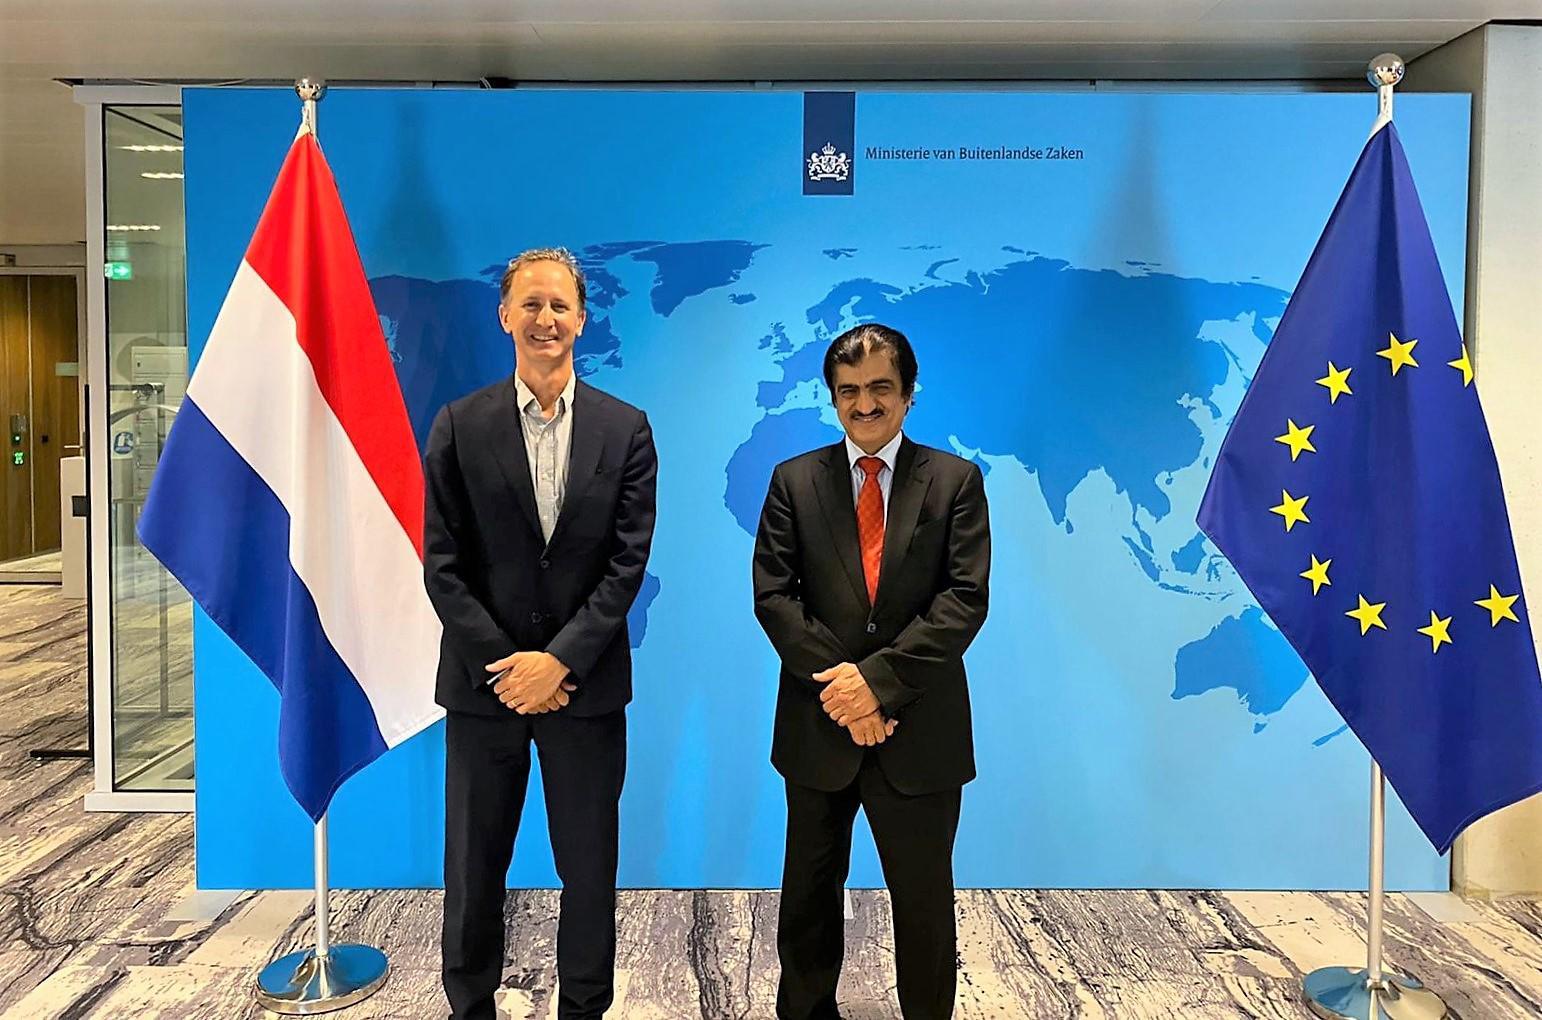 رسالة من نائب رئيس مجلس الوزراء وزير الخارجية لوزيرة الخارجية بالإنابة في هولندا